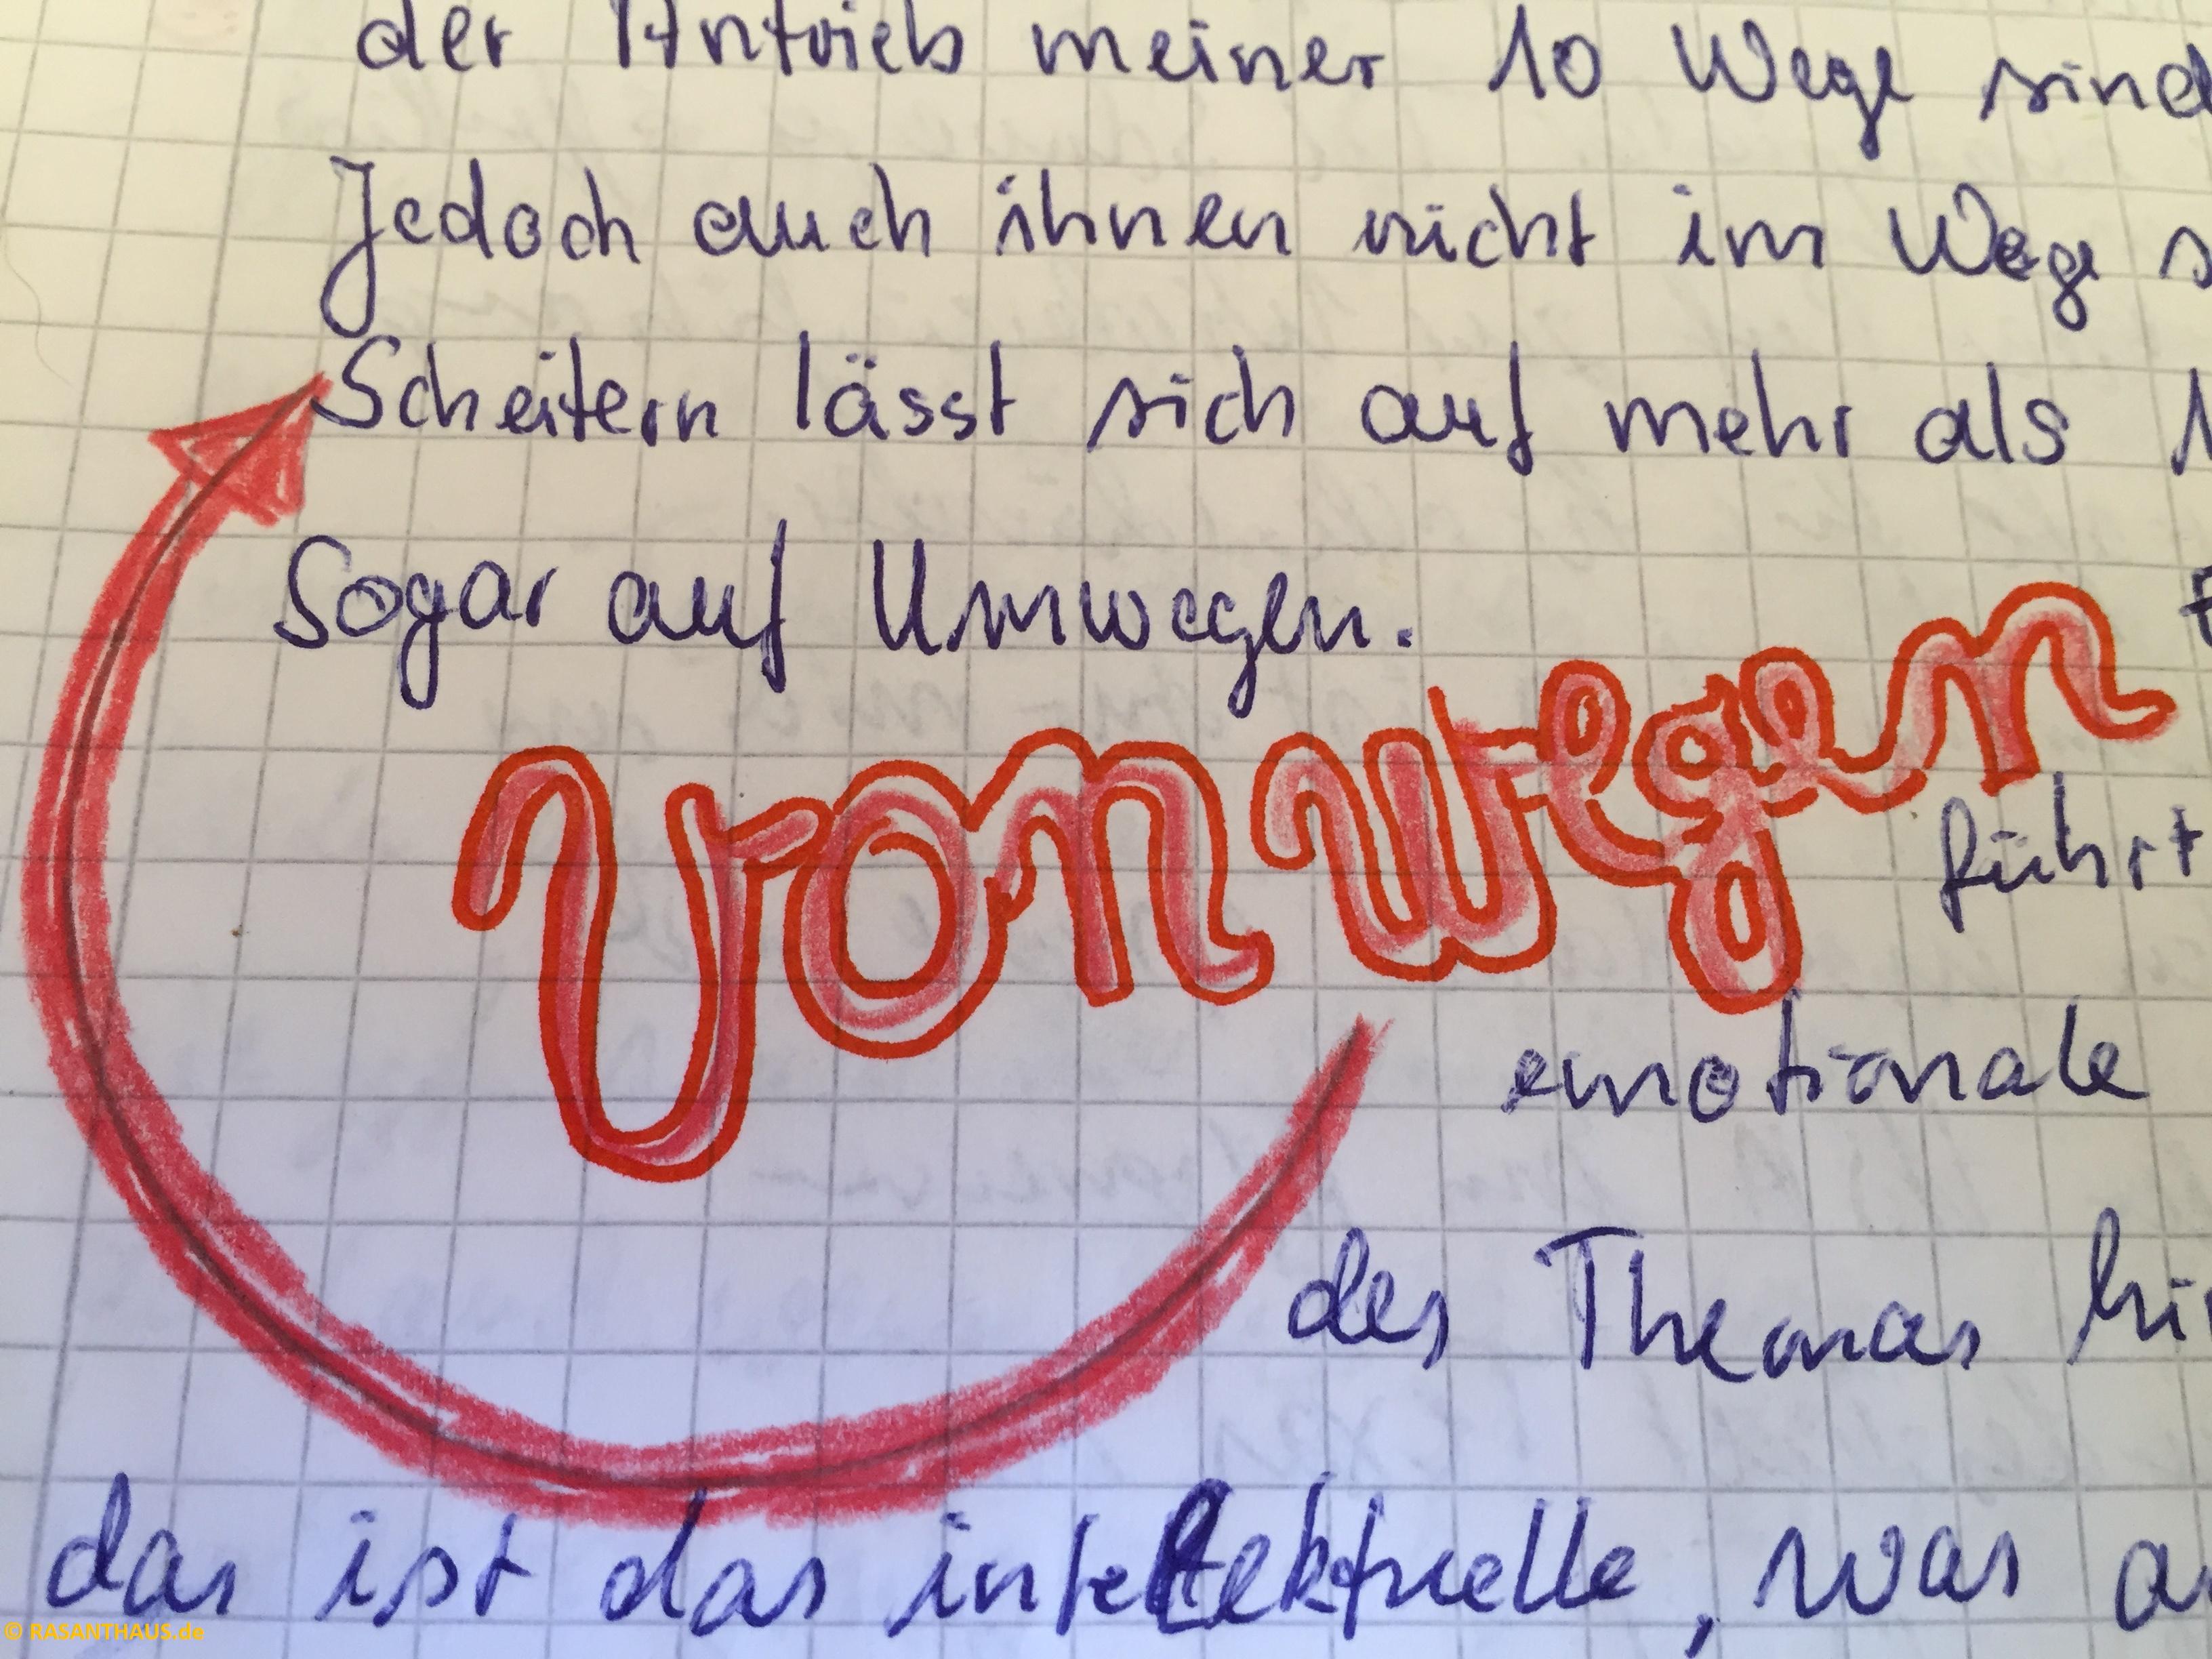 vonwegen schwungfolg in rot geschrieben, im HIntergrund ein Text, der von Umwegen handelt. Das w im vonwegen zeigt ein Pfeil im Halbkreis geschwungen nach links und begrenzt von vorn vonwegen